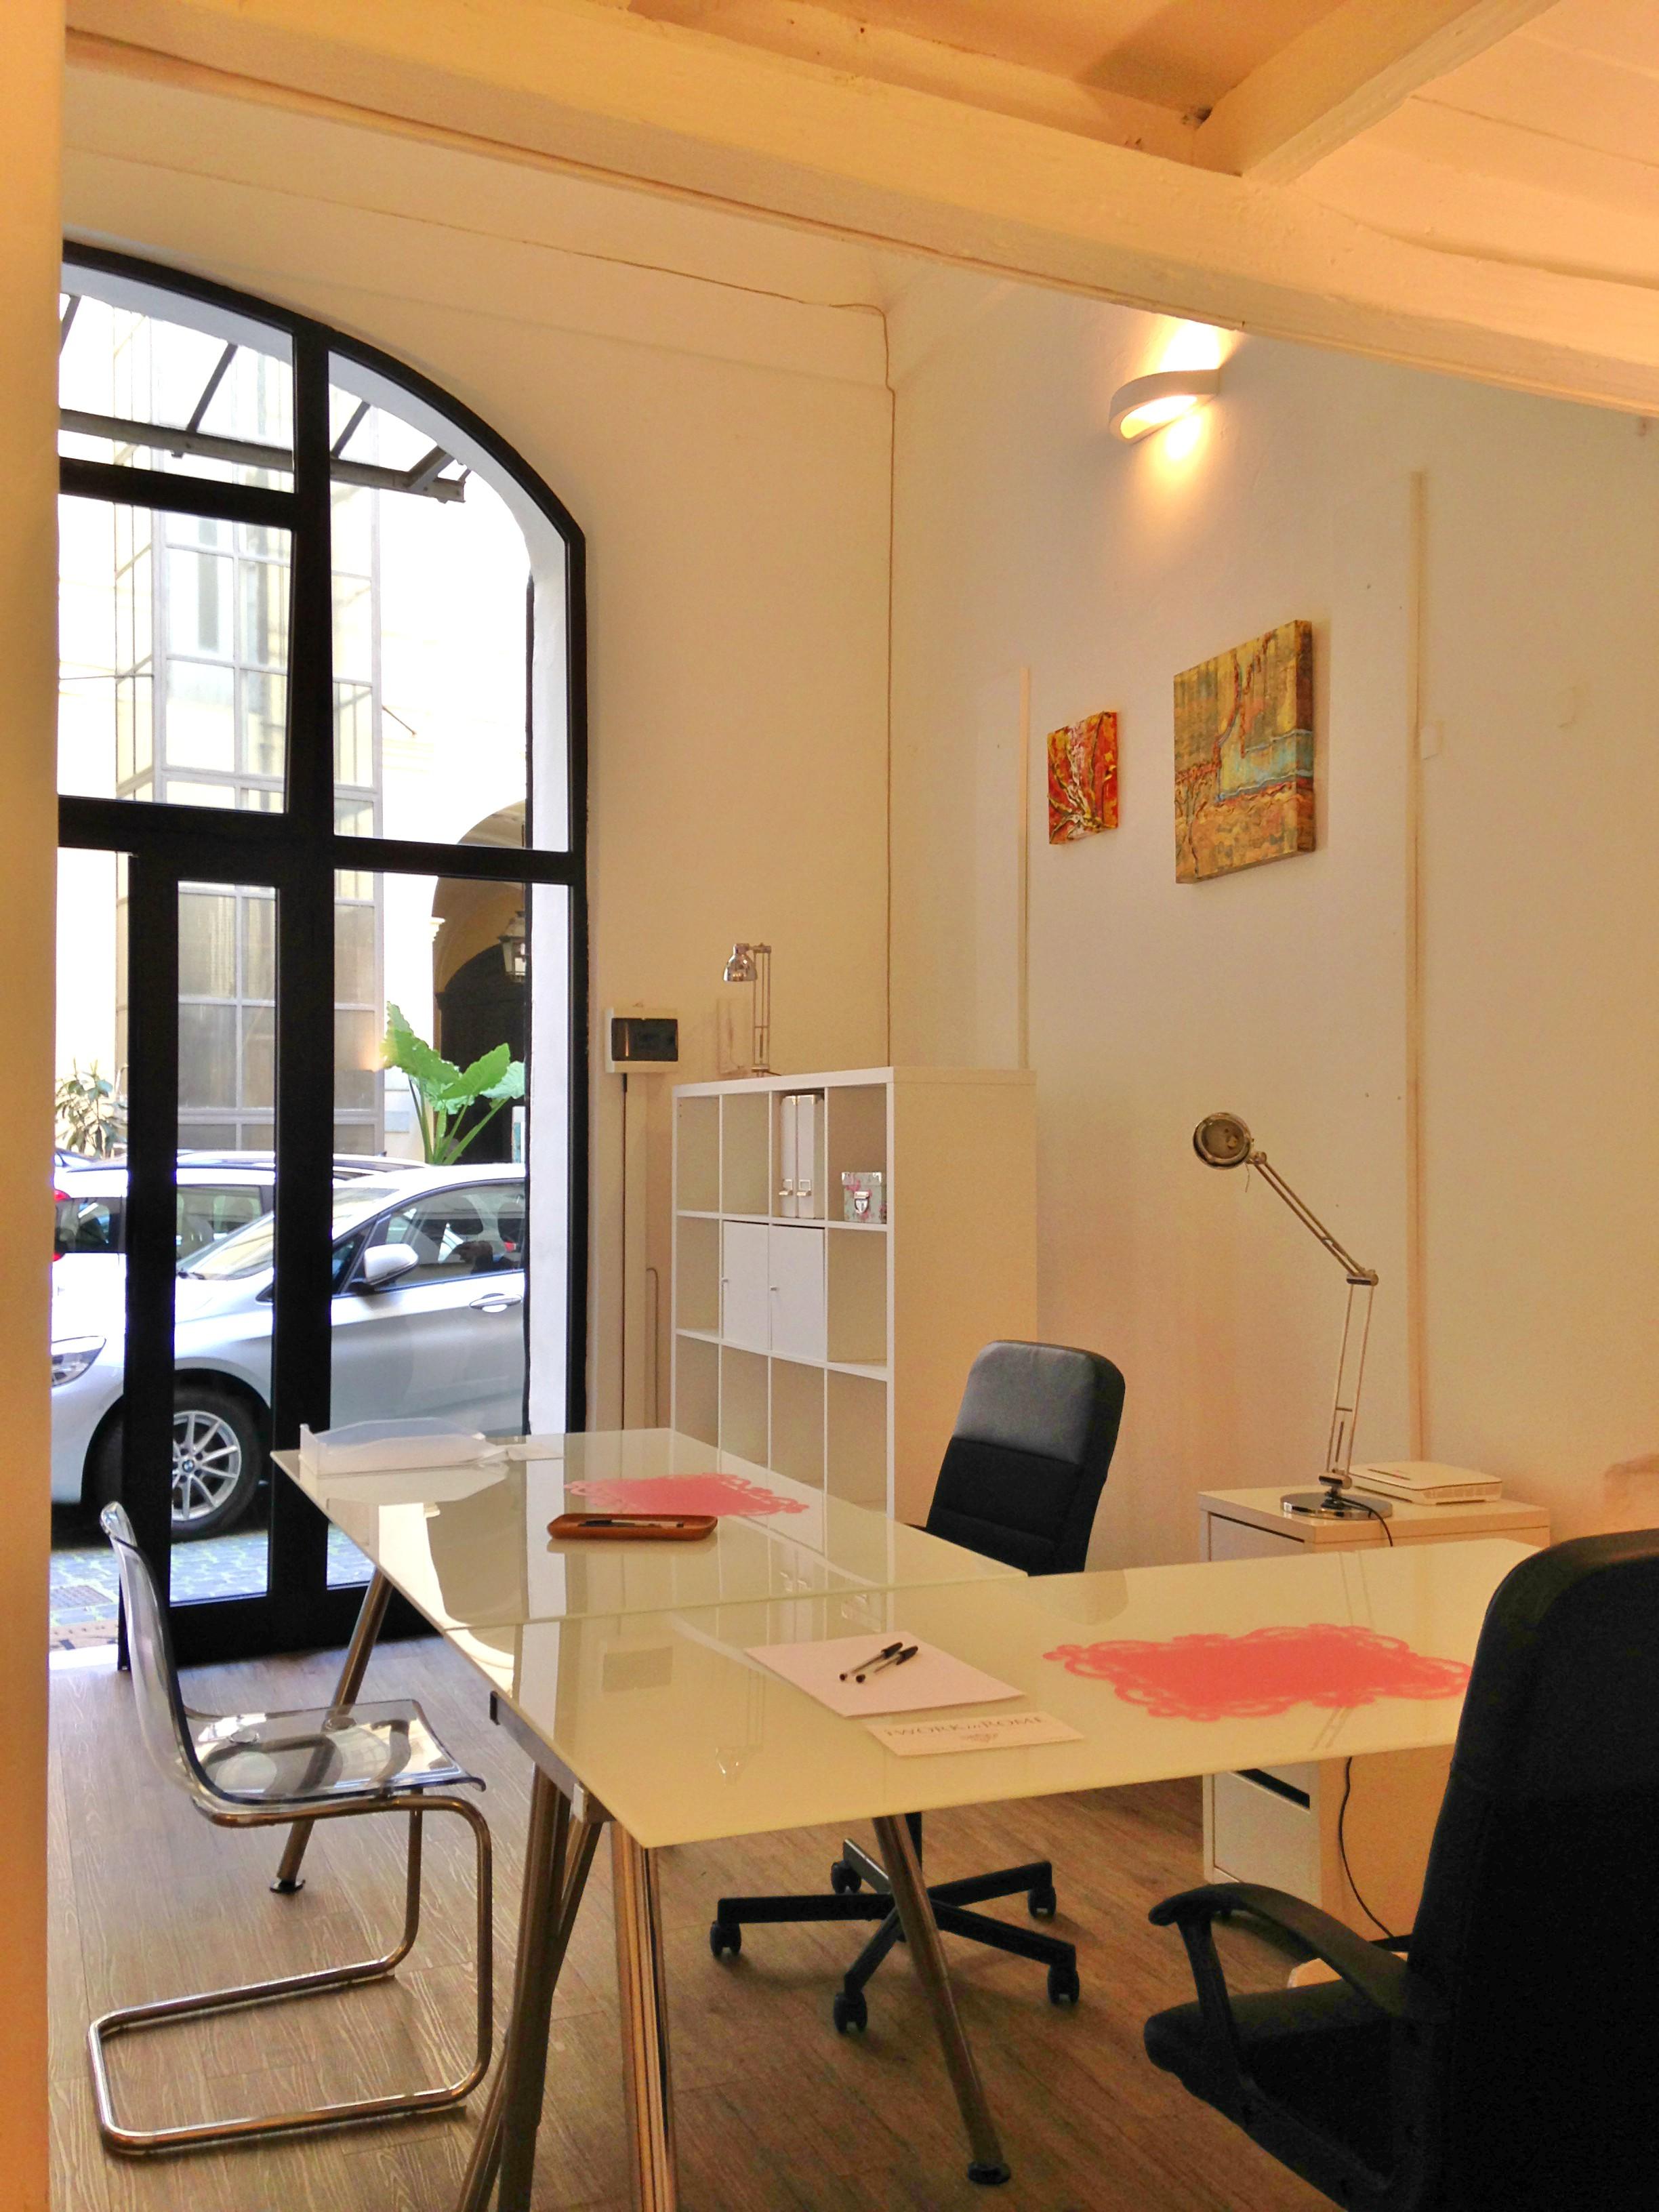 Caelius ufficio temporaneo indipendente a roma for Ufficio temporaneo